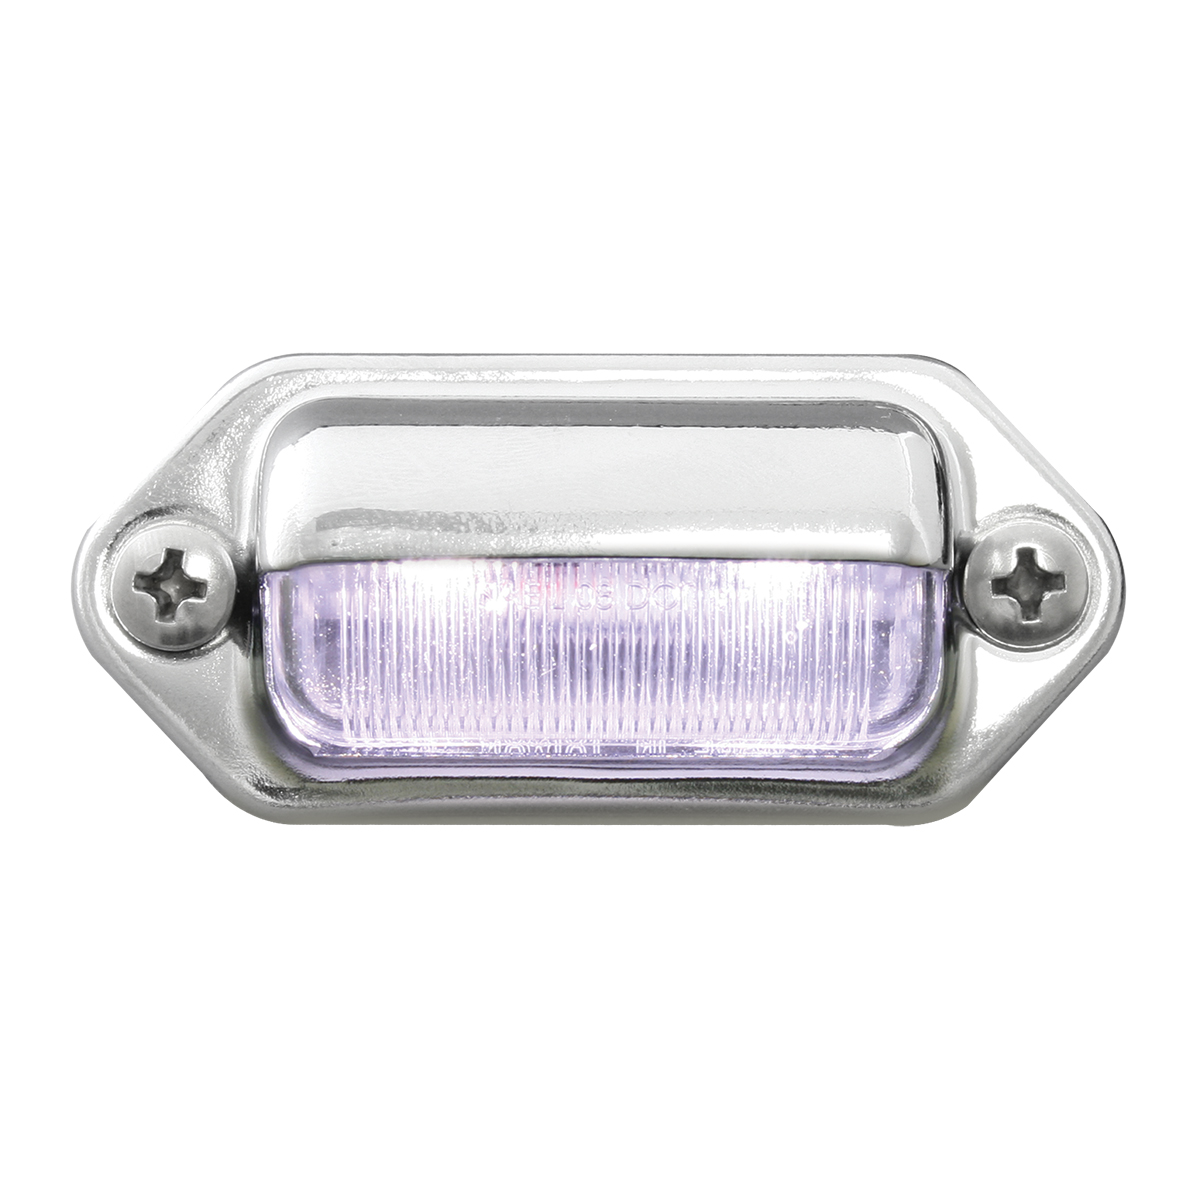 81735 License Plate LED Light